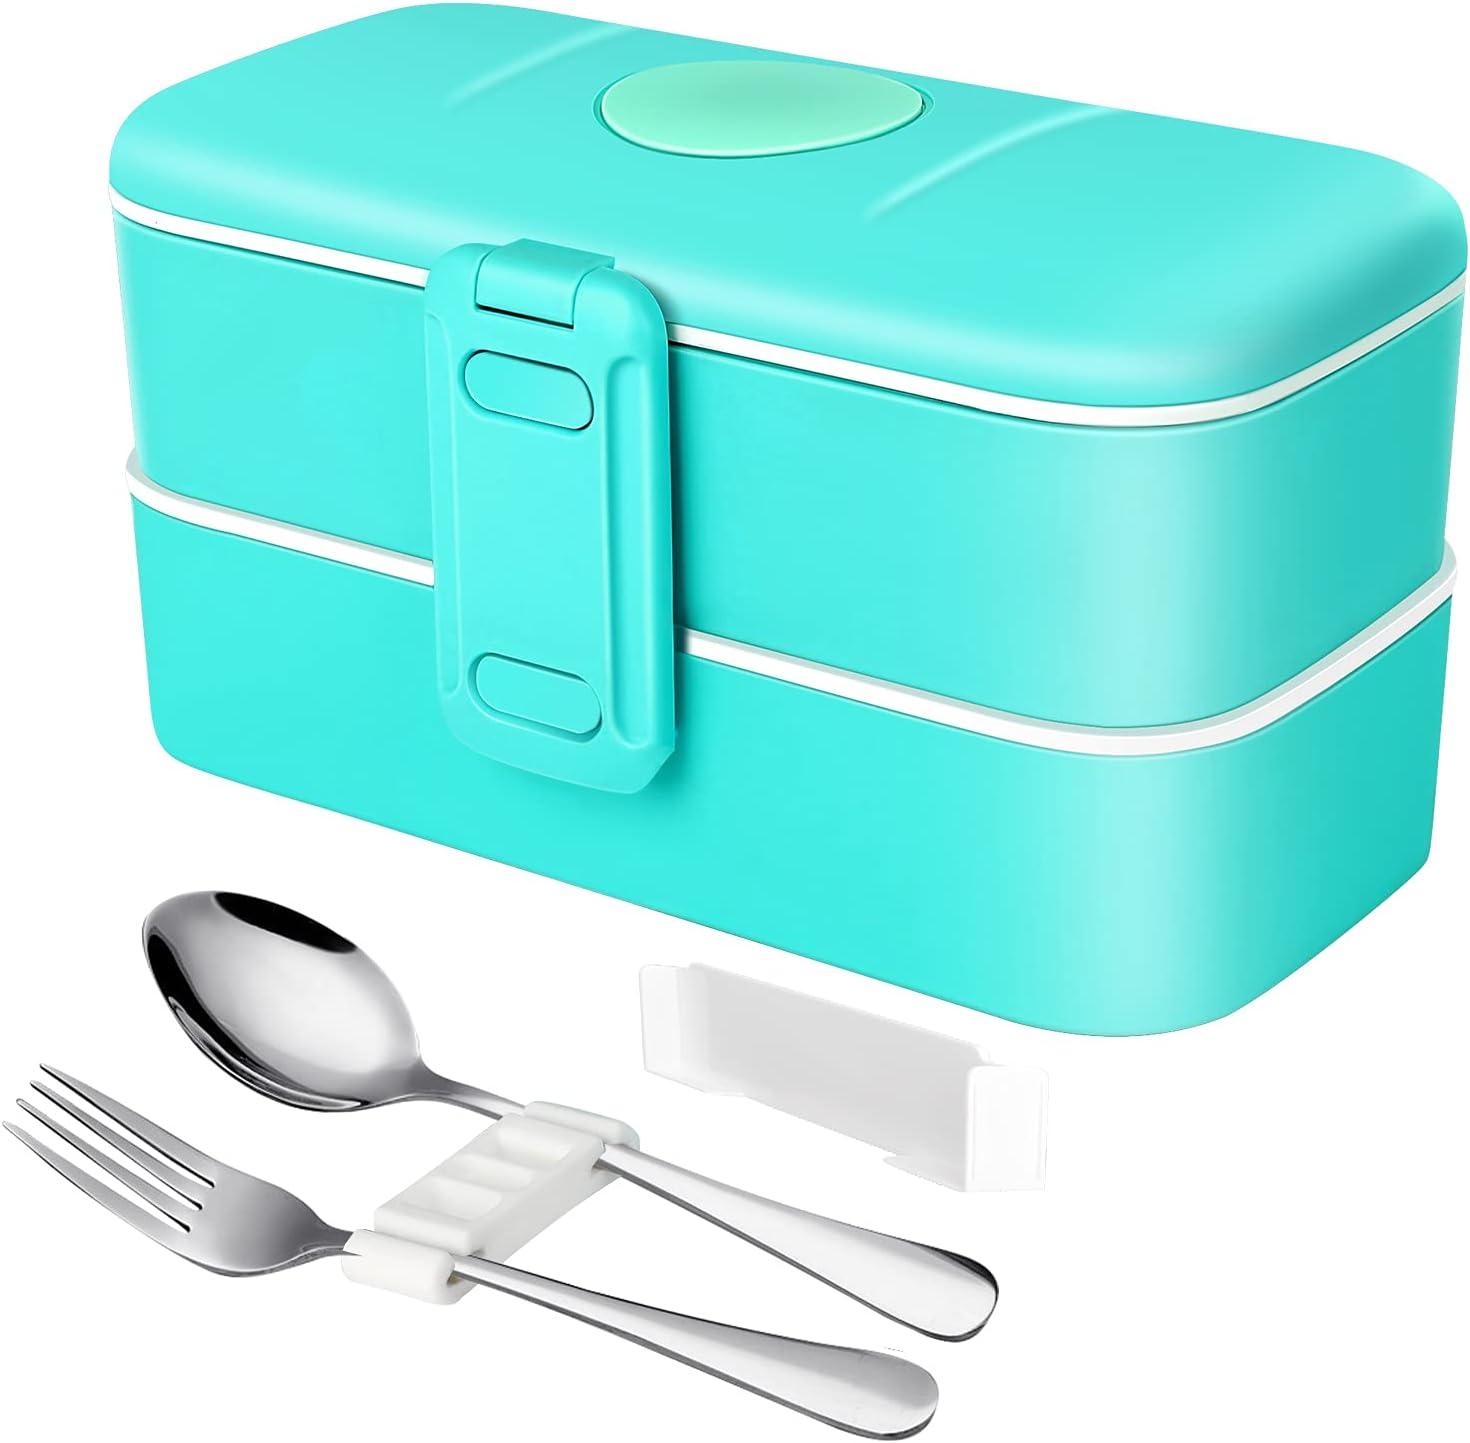 Fiambrera Bento Box de Doble Capa, con Cubiertos de Acero Inoxidable, 1000ml, Material PP, Apta para Microondas, Lavavajillas y Frigorífico, Hermética, Fiambrera para Adultos y Niños sin BPA